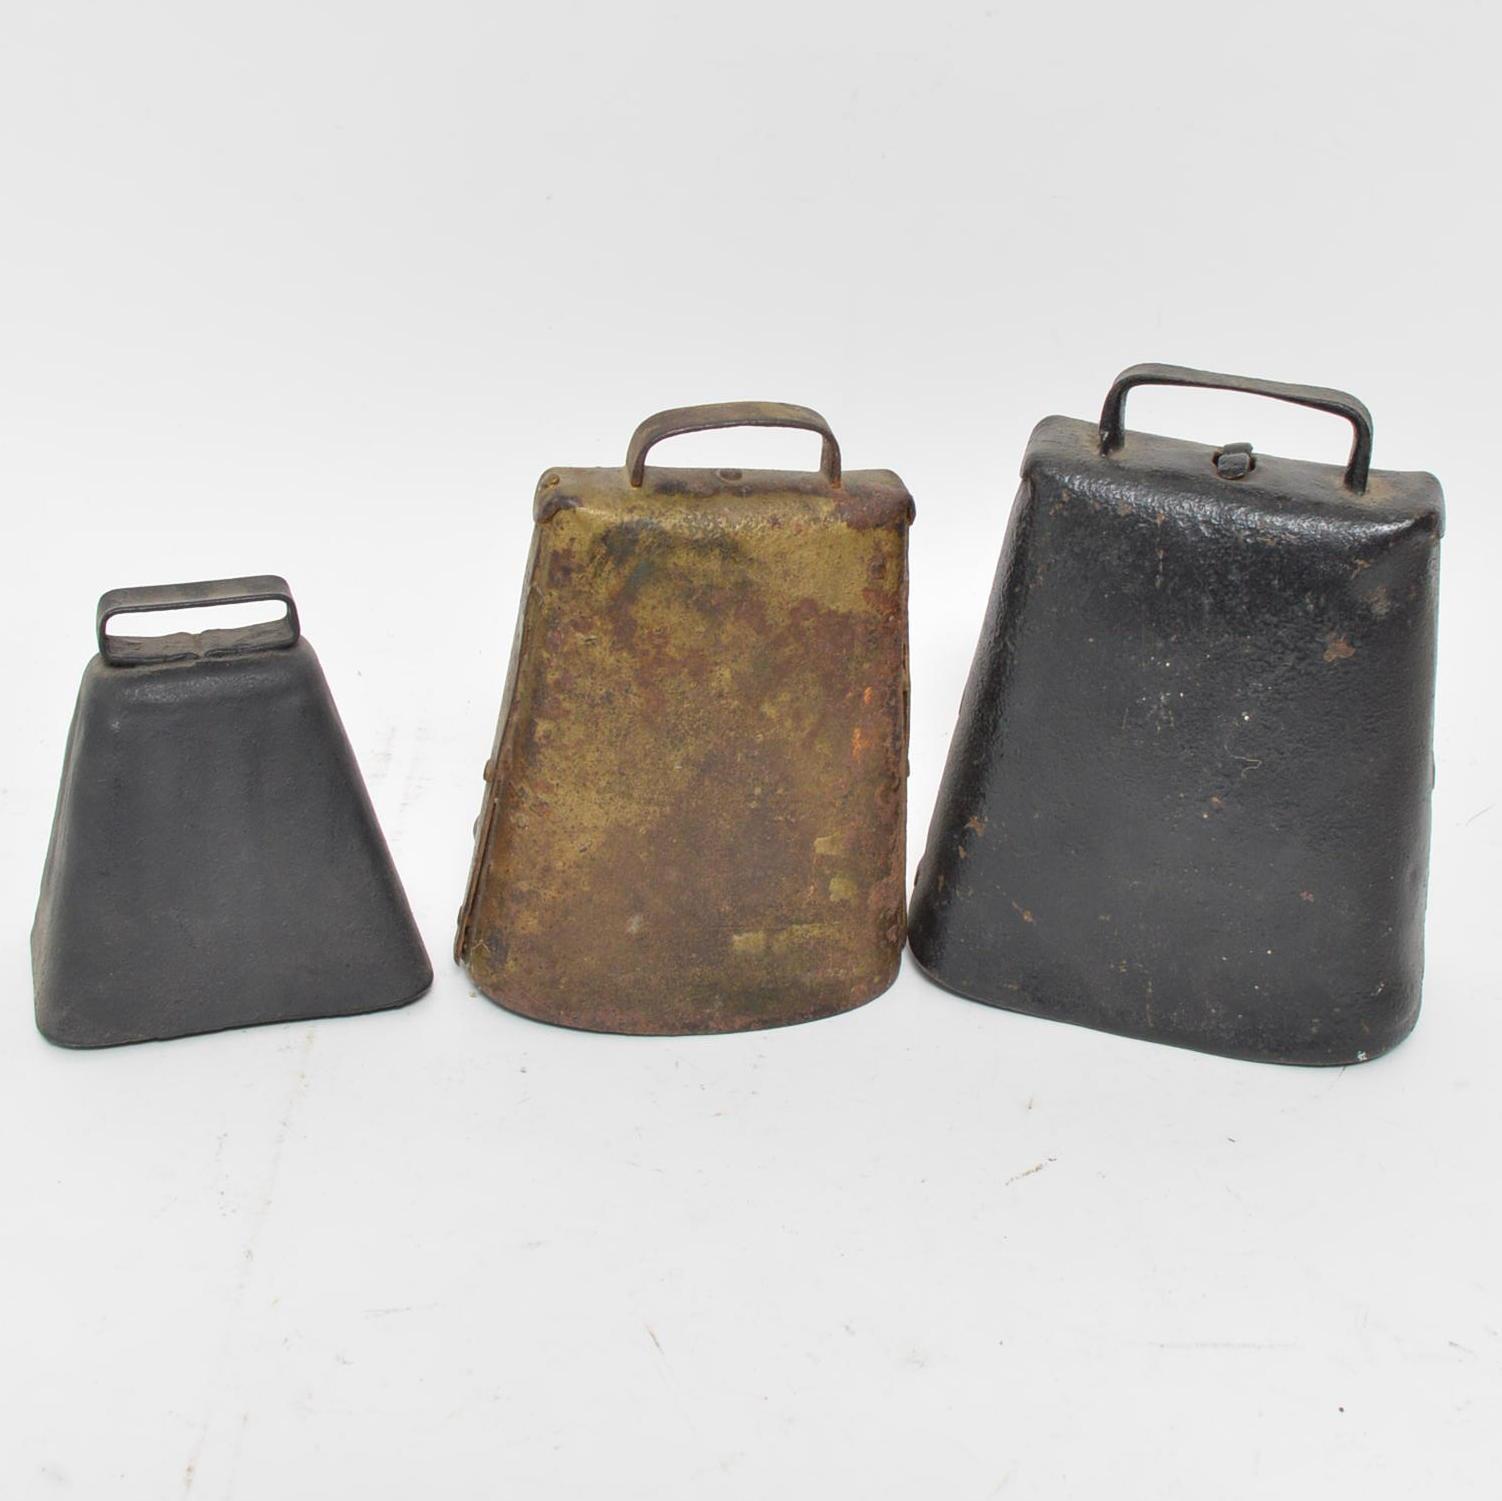 Vintage Cowbells